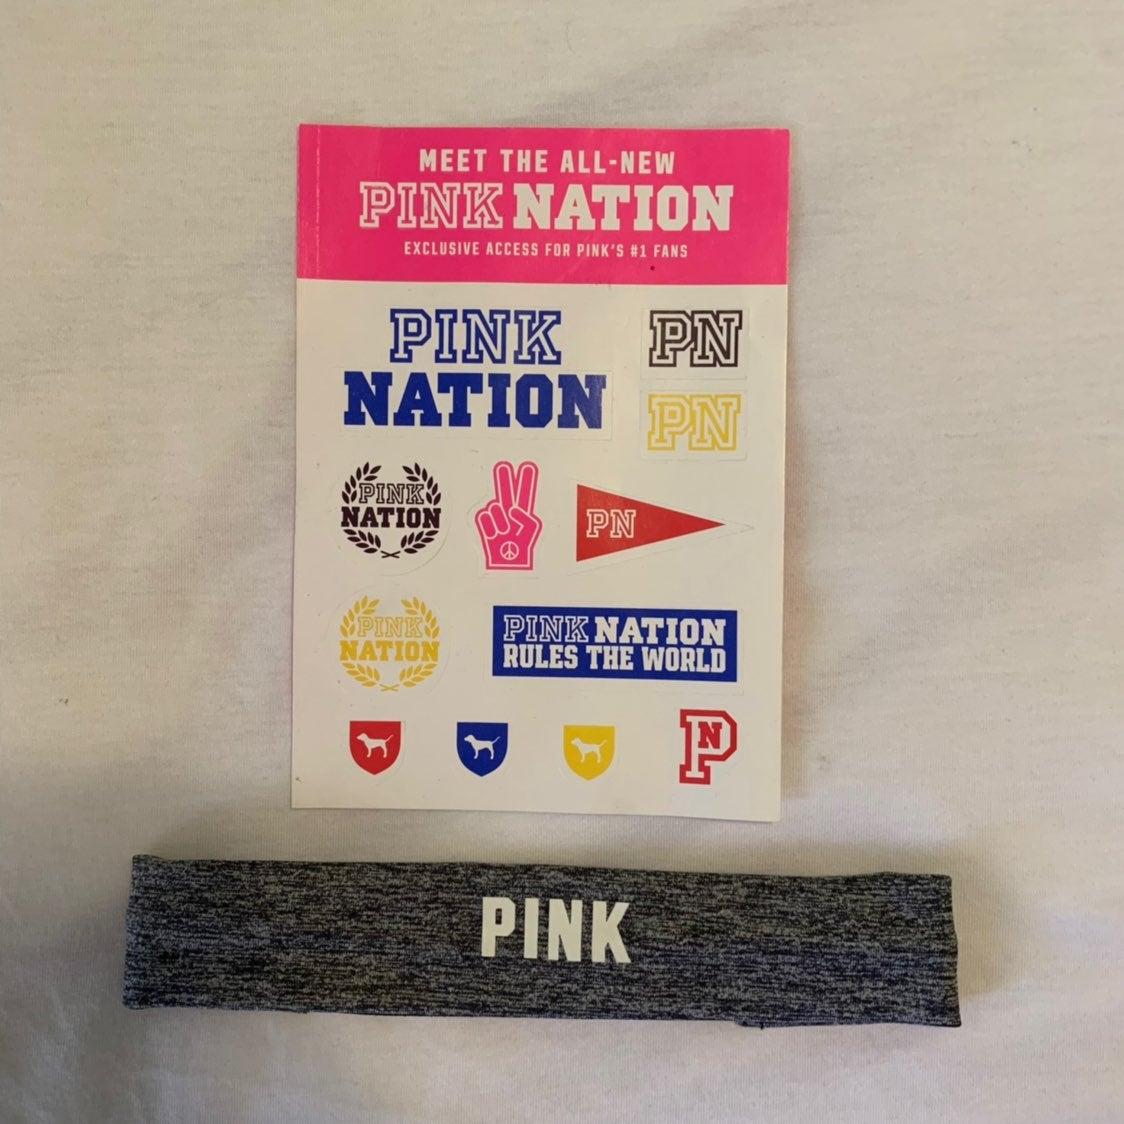 PINK Victoria's Secret Bundle